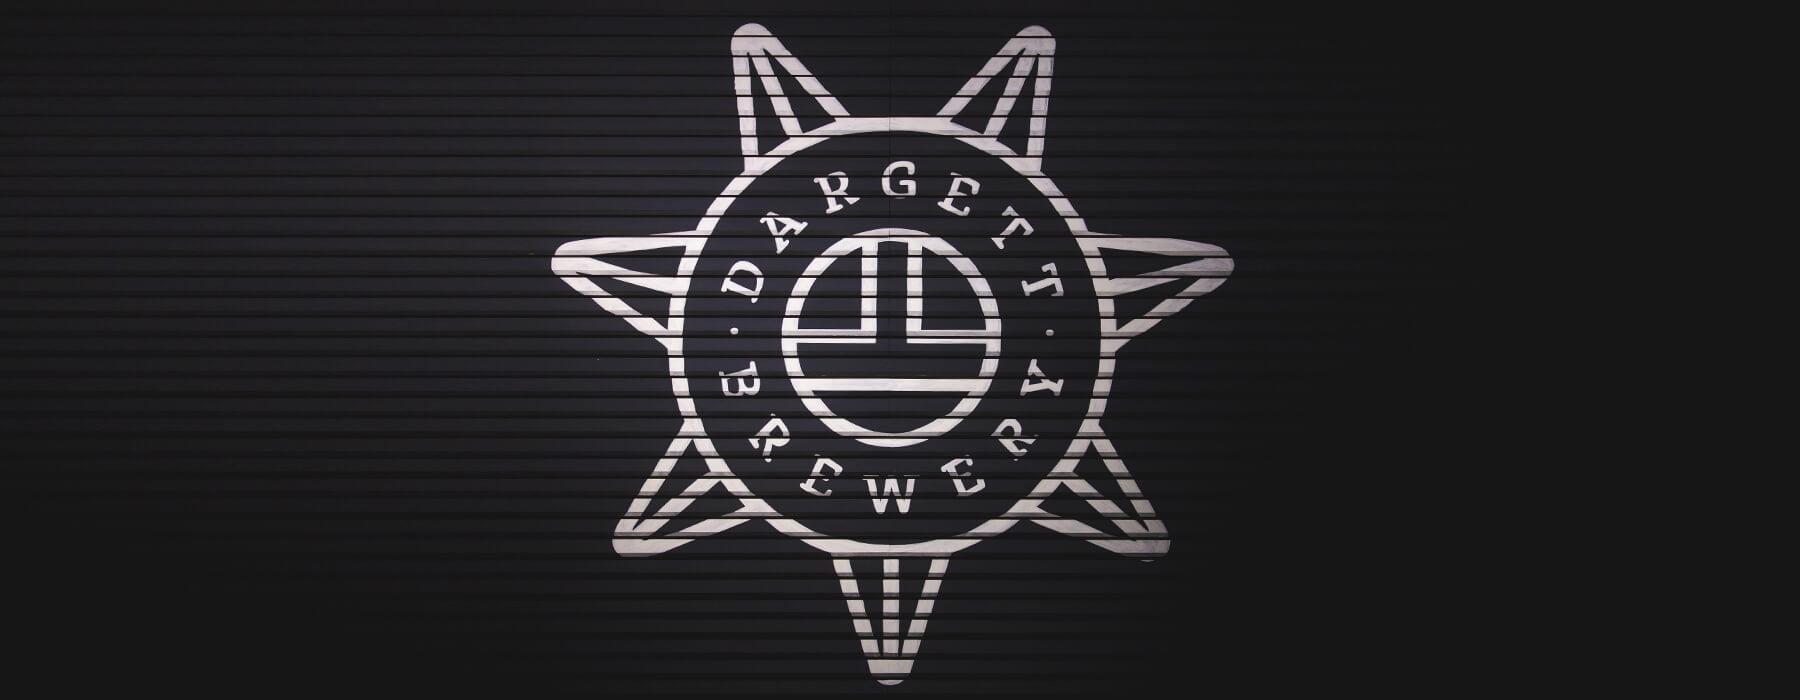 izobrazheniye logotipa i torgovyy znaka restorana-pivovarni DARGET, Yerevan, Armeniya